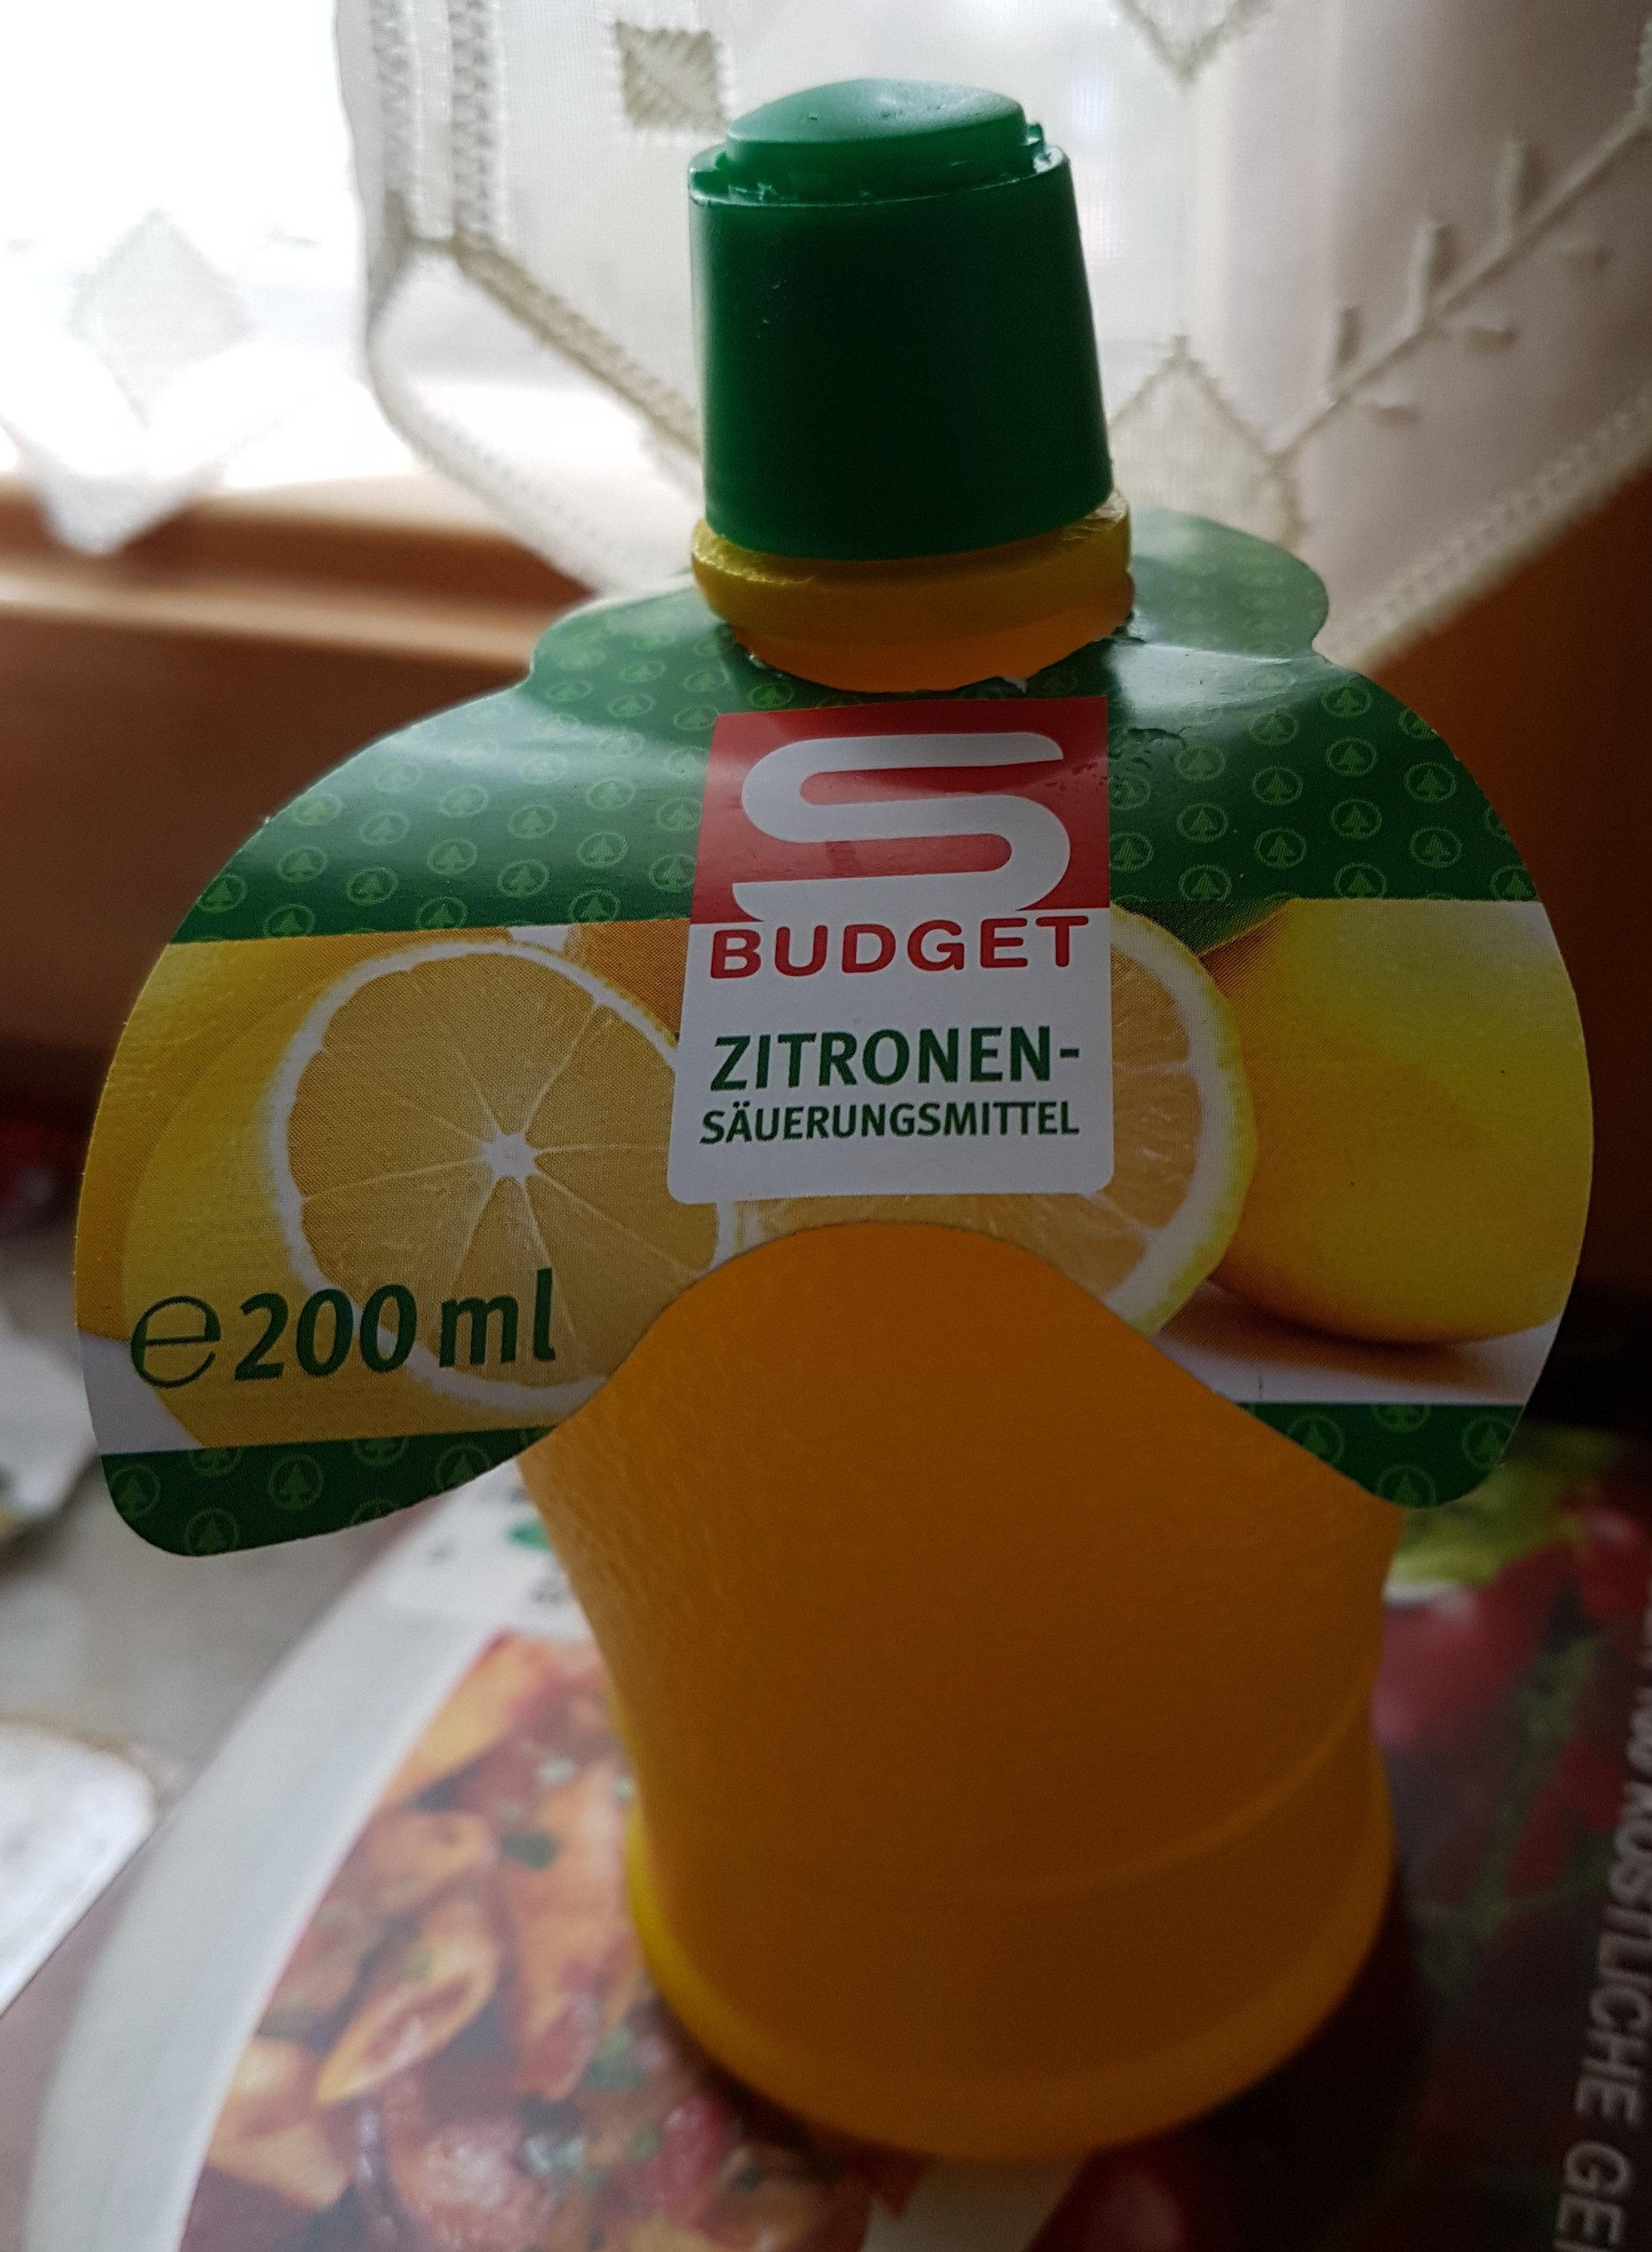 Zitronen-Säuerungsmittel - Product